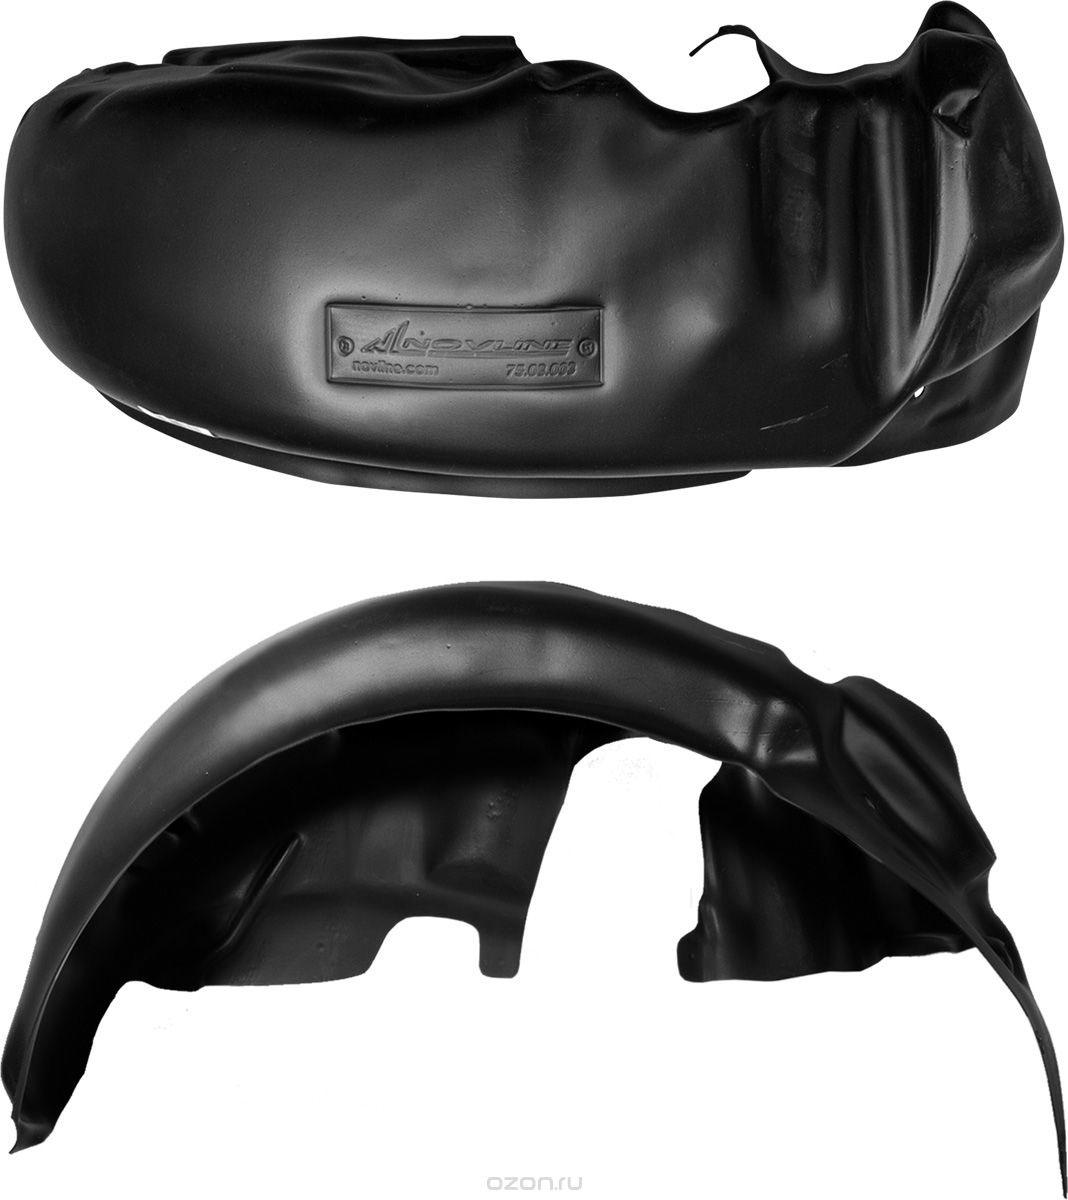 Подкрылок Novline-Autofamily, для Mitsubishi Lancer X, 03/2007->, хэтчбек, задний правыйNLL.35.19.004Идеальная защита колесной ниши. Локеры разработаны с применением цифровых технологий, гарантируют максимальную повторяемость поверхности арки. Изделия устанавливаются без нарушения лакокрасочного покрытия автомобиля, каждый подкрылок комплектуется крепежом. Уважаемые клиенты, обращаем ваше внимание, что фотографии на подкрылки универсальные и не отражают реальную форму изделия. При этом само изделие идет точно под размер указанного автомобиля.